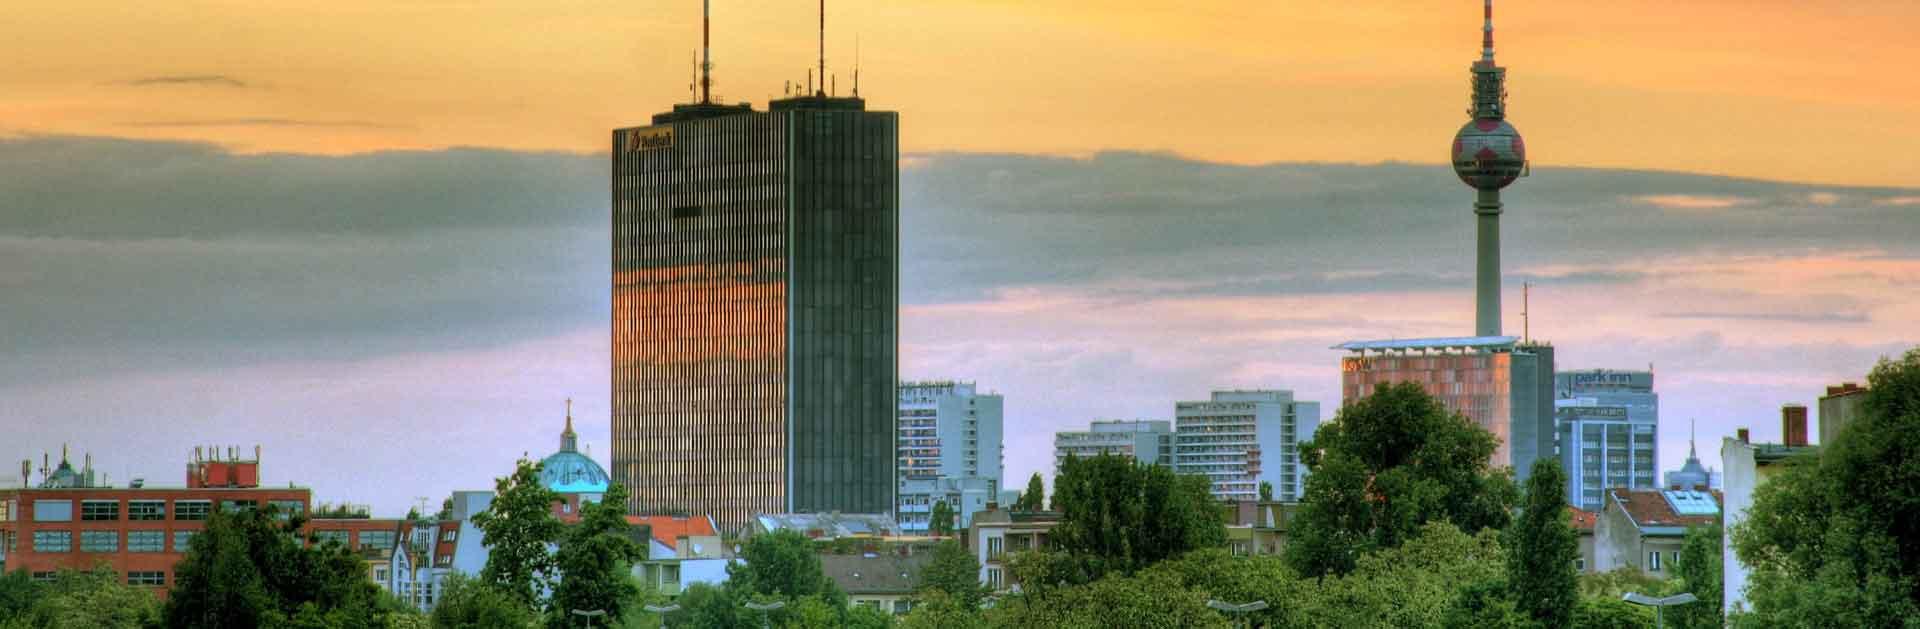 Kontakt Medical Network eV Berlin